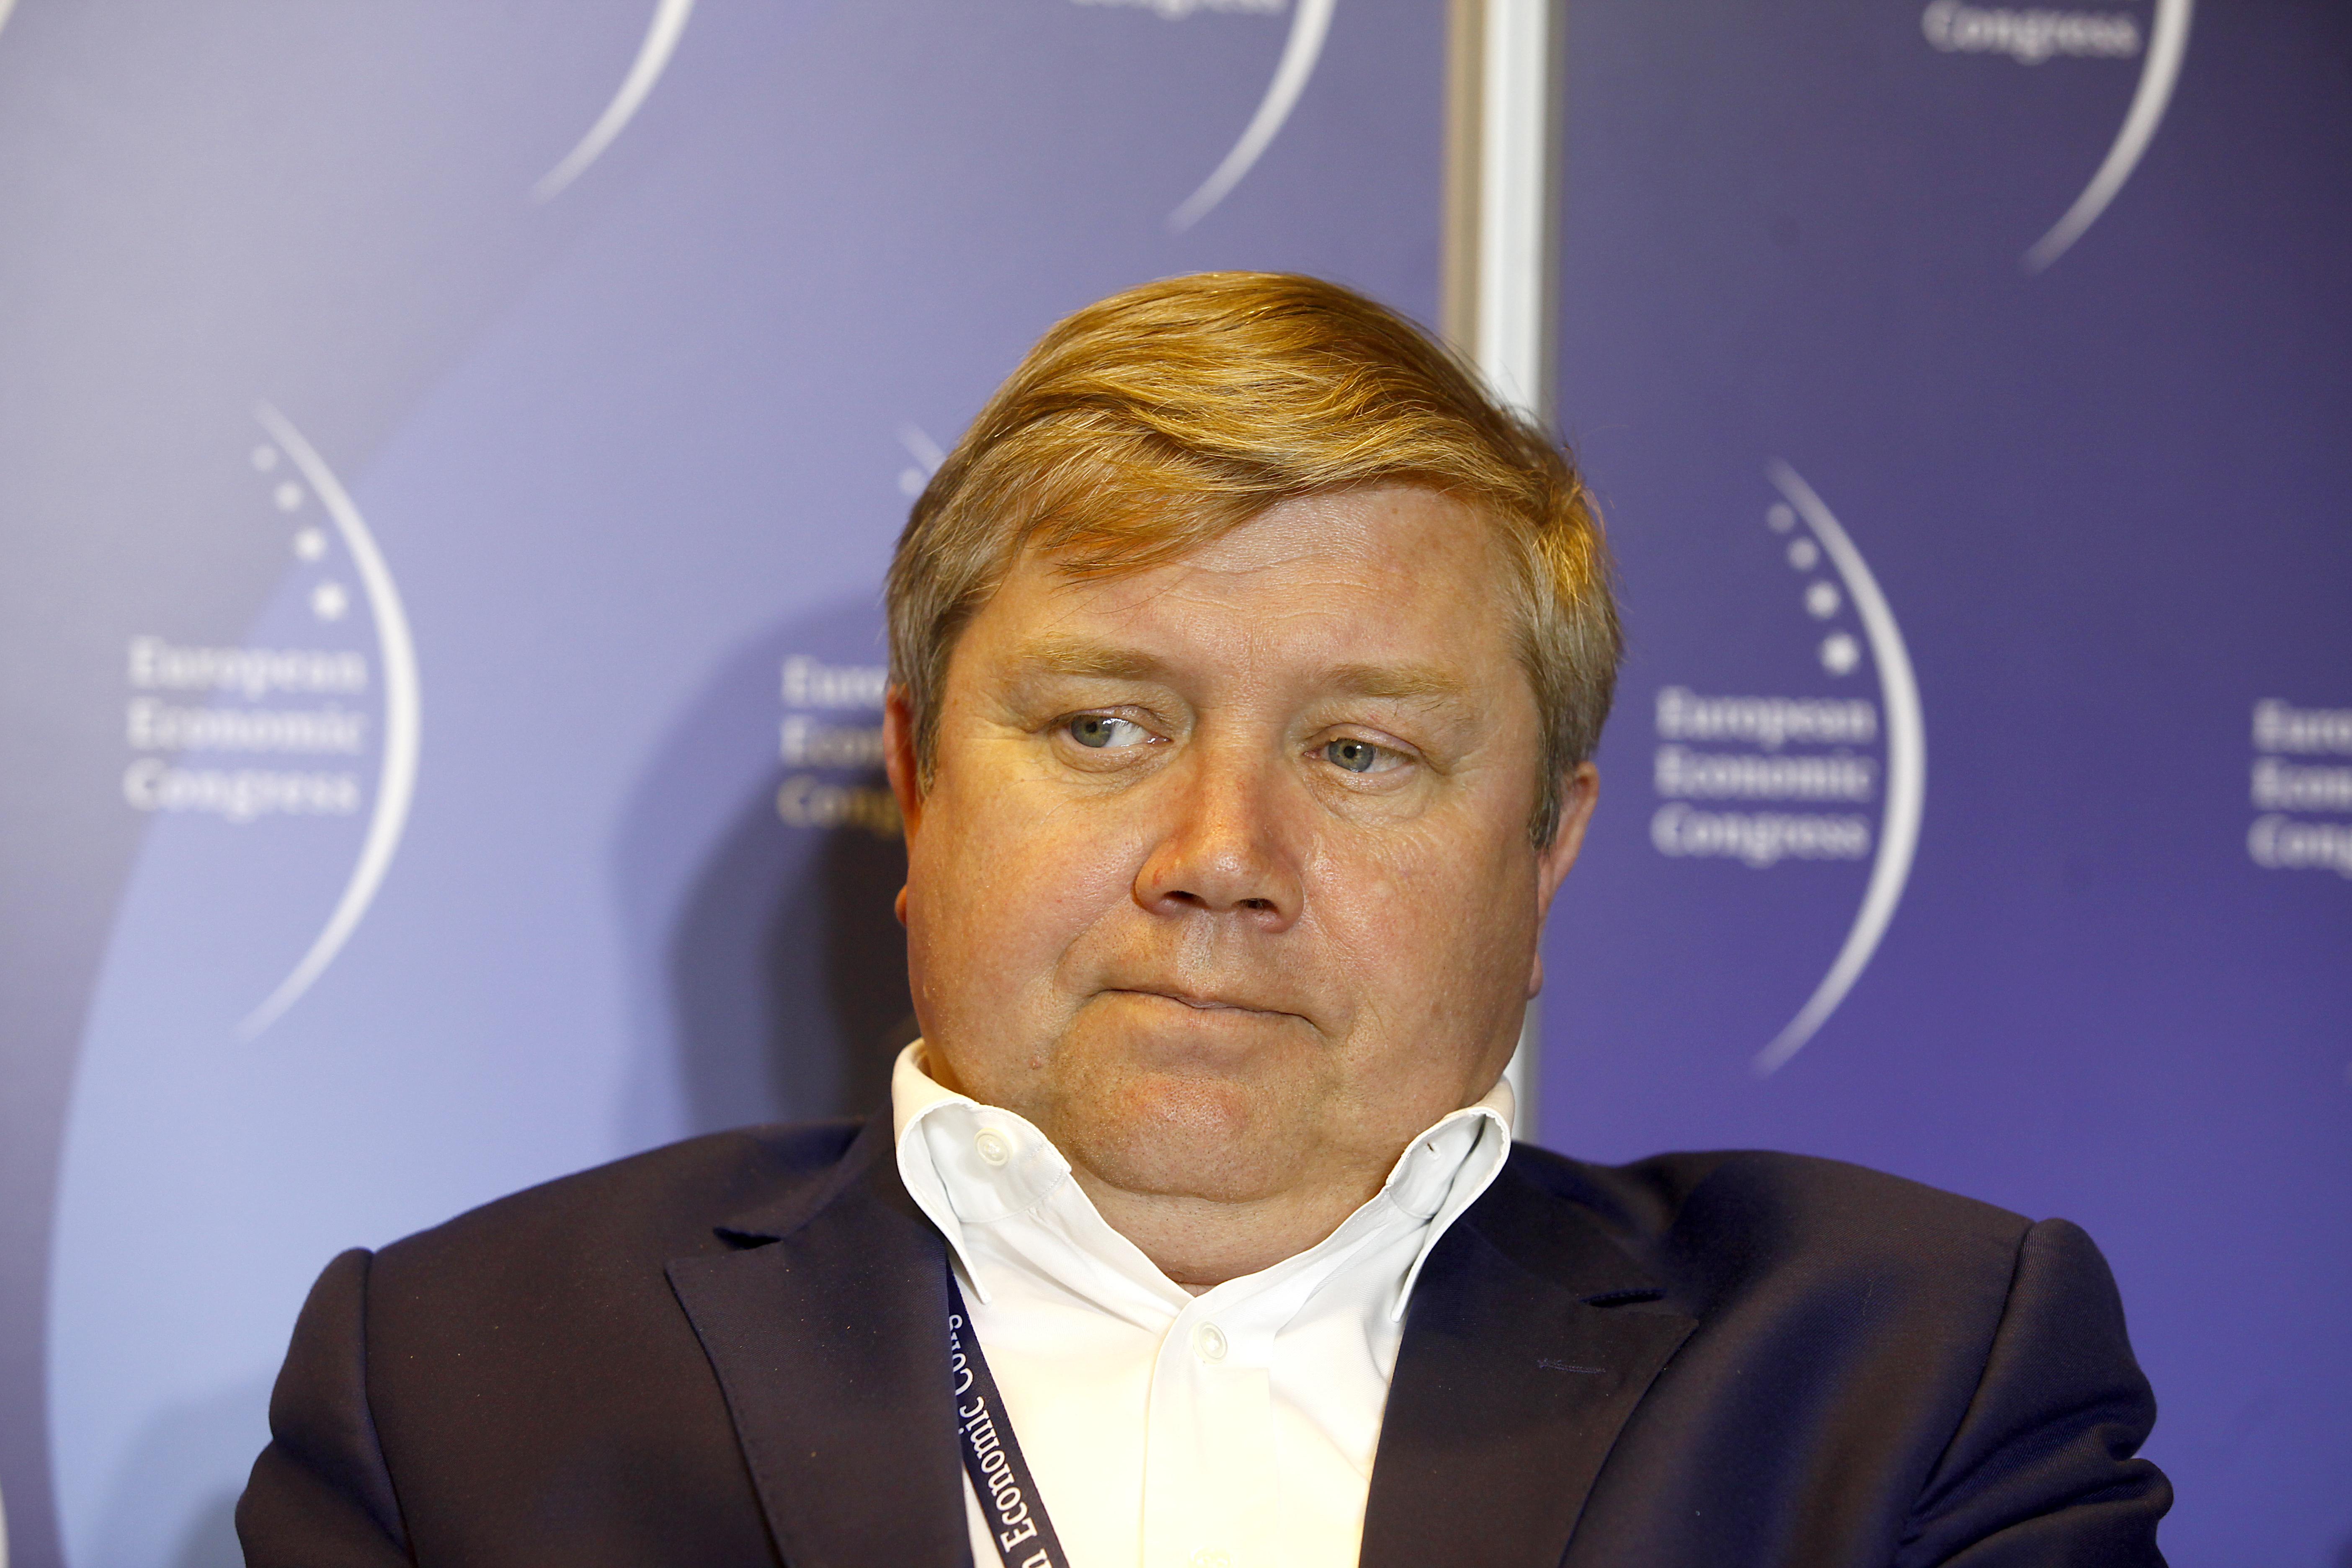 Prezes Związku Przedsiębiorców i Pracodawców Cezary Kaźmierczak (fot. PTWP)